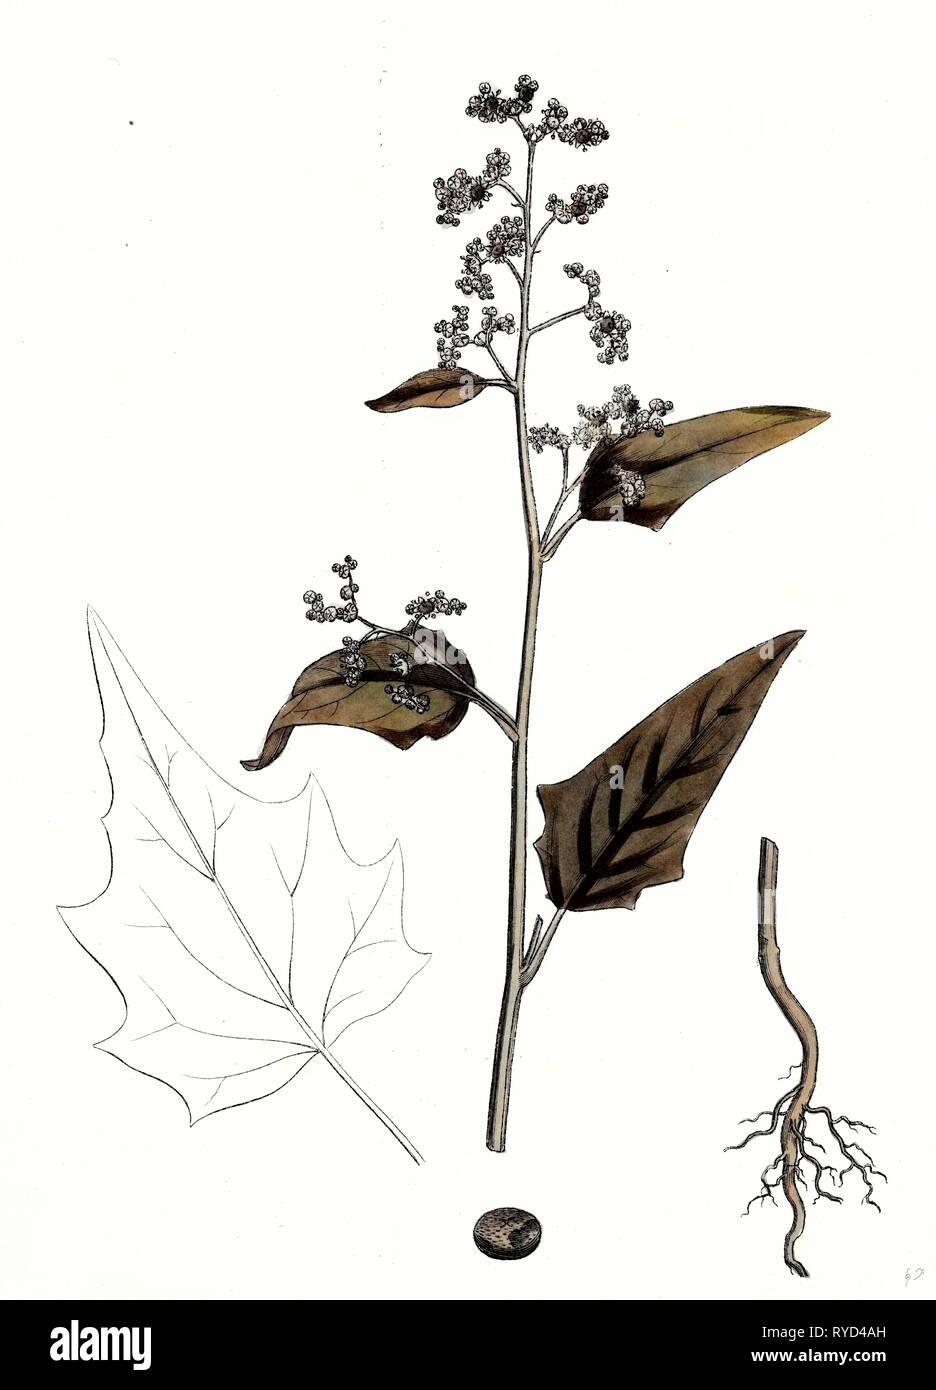 Chenopodium Hybridum Maple-Leaved Goosefoot - Stock Image